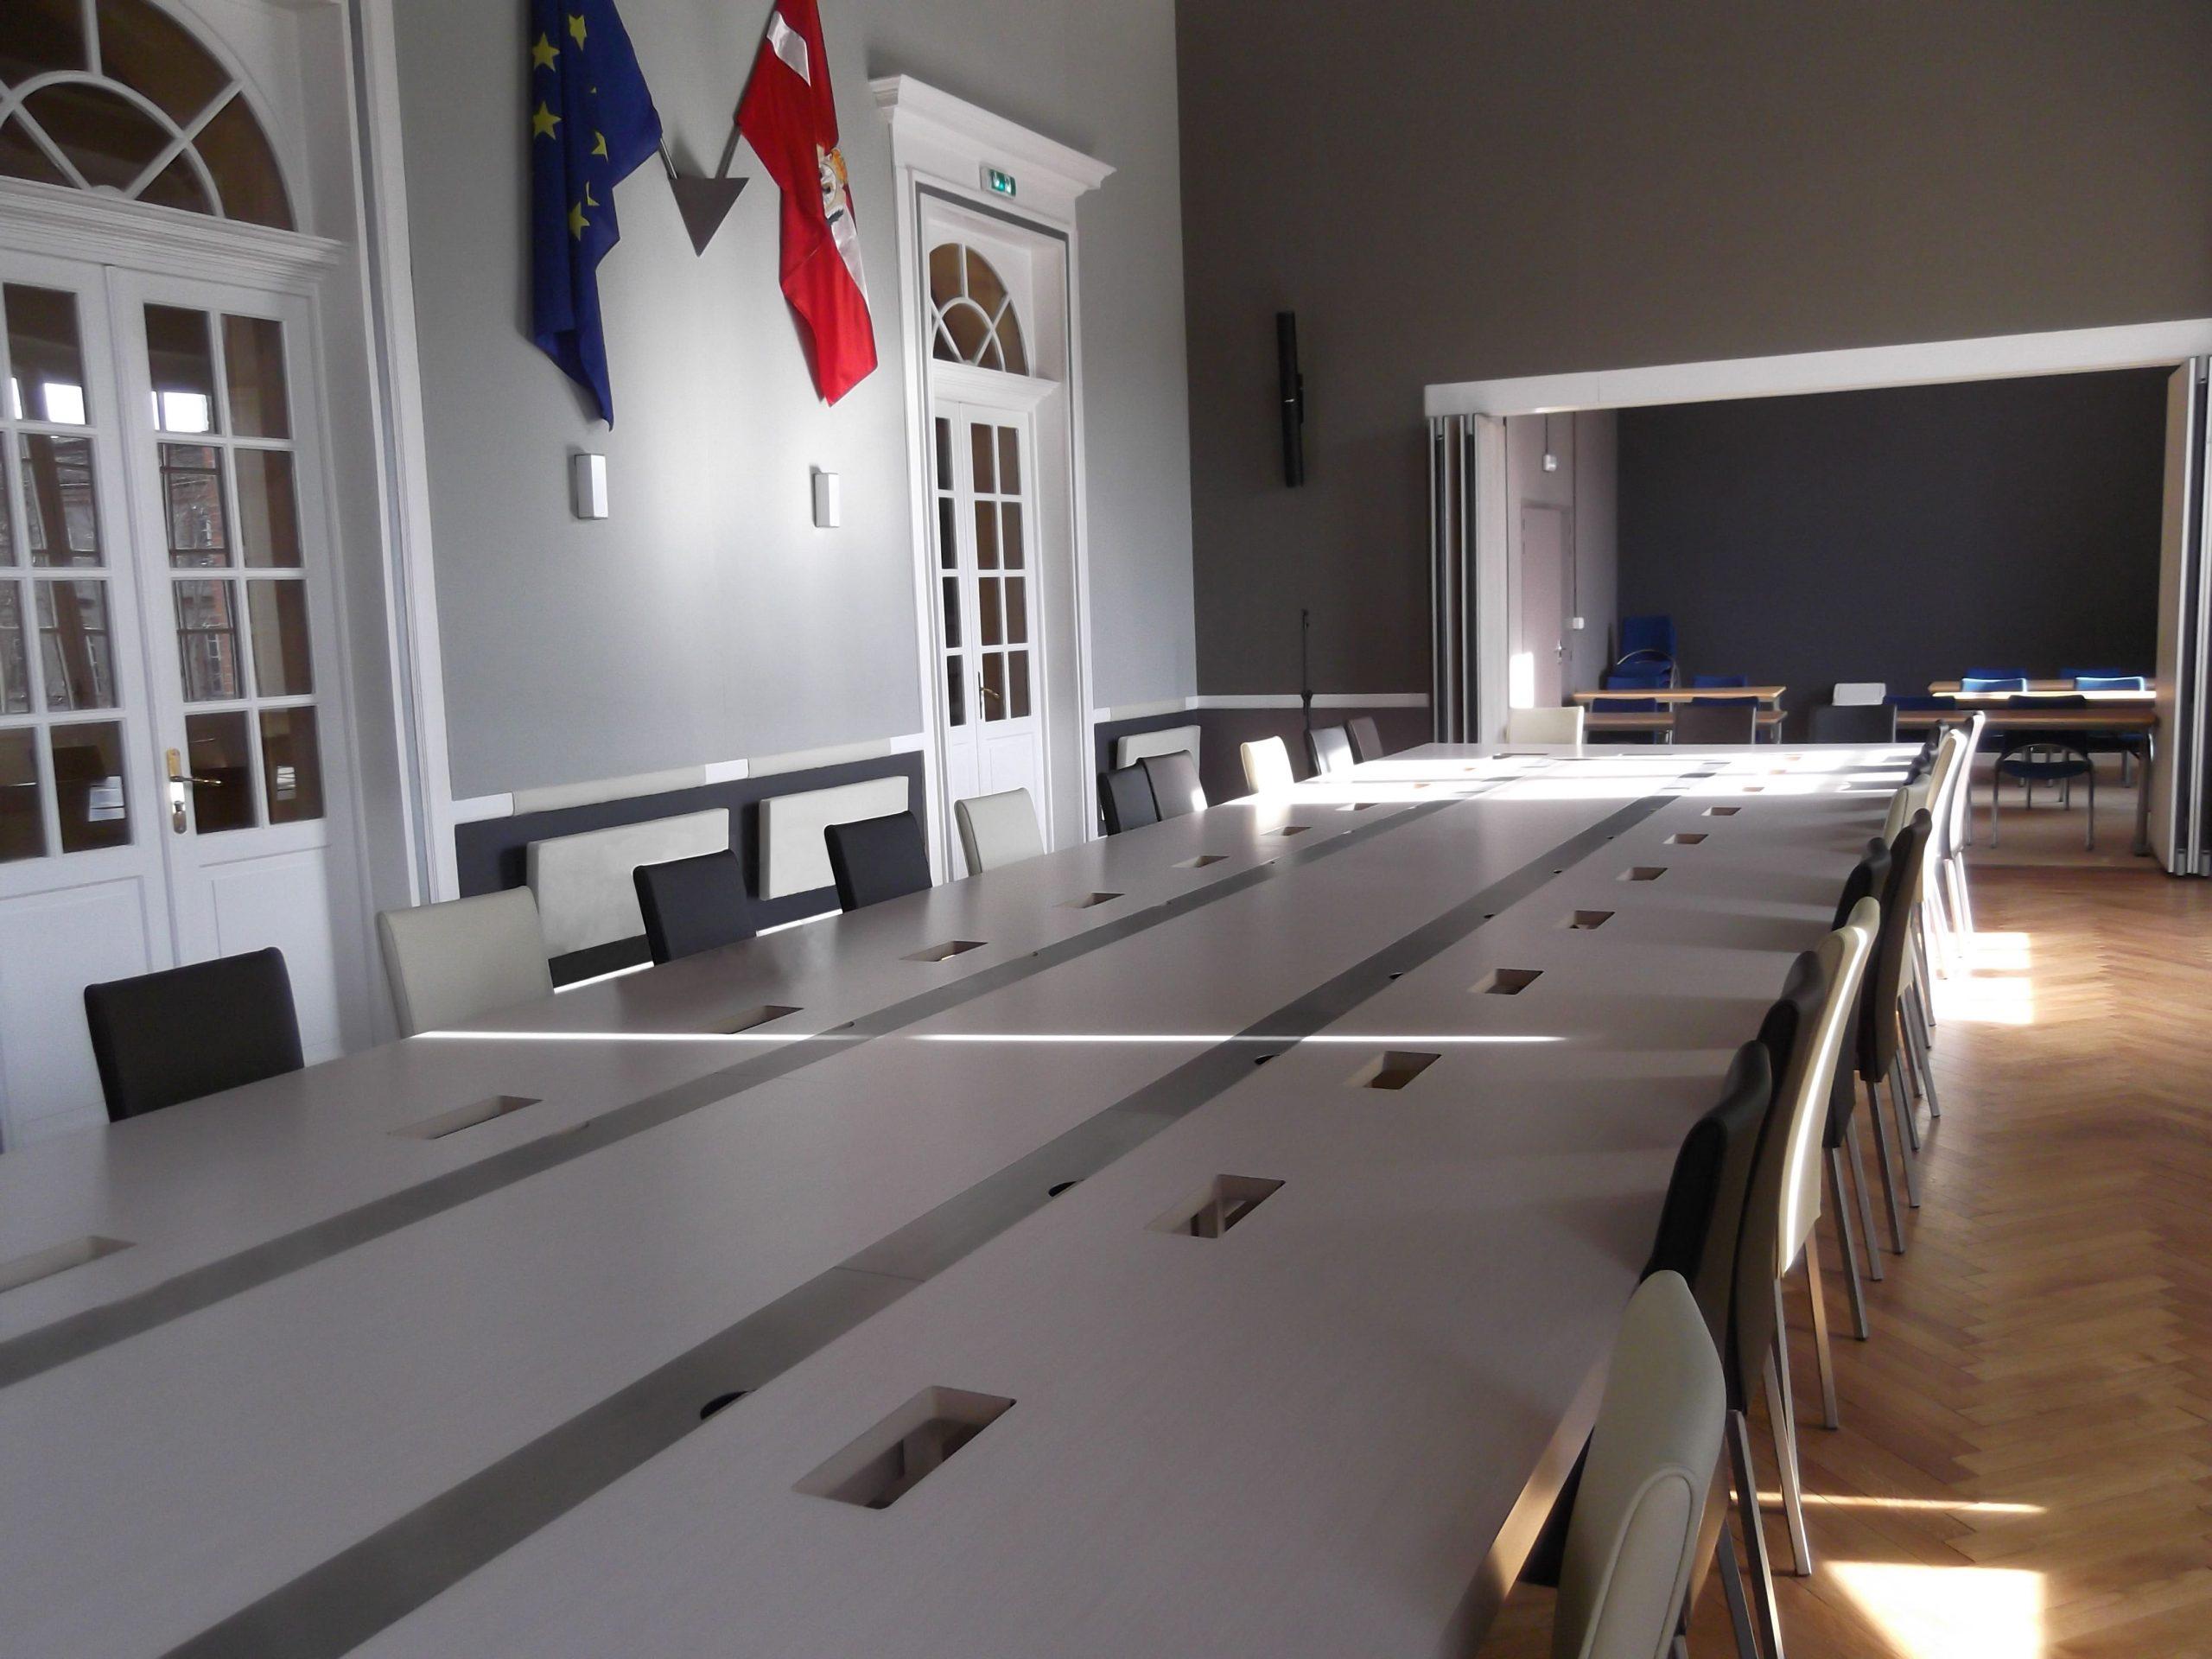 Salle du conseil municipal de la mairie de Gaillac agencé par SAFRA Agencement